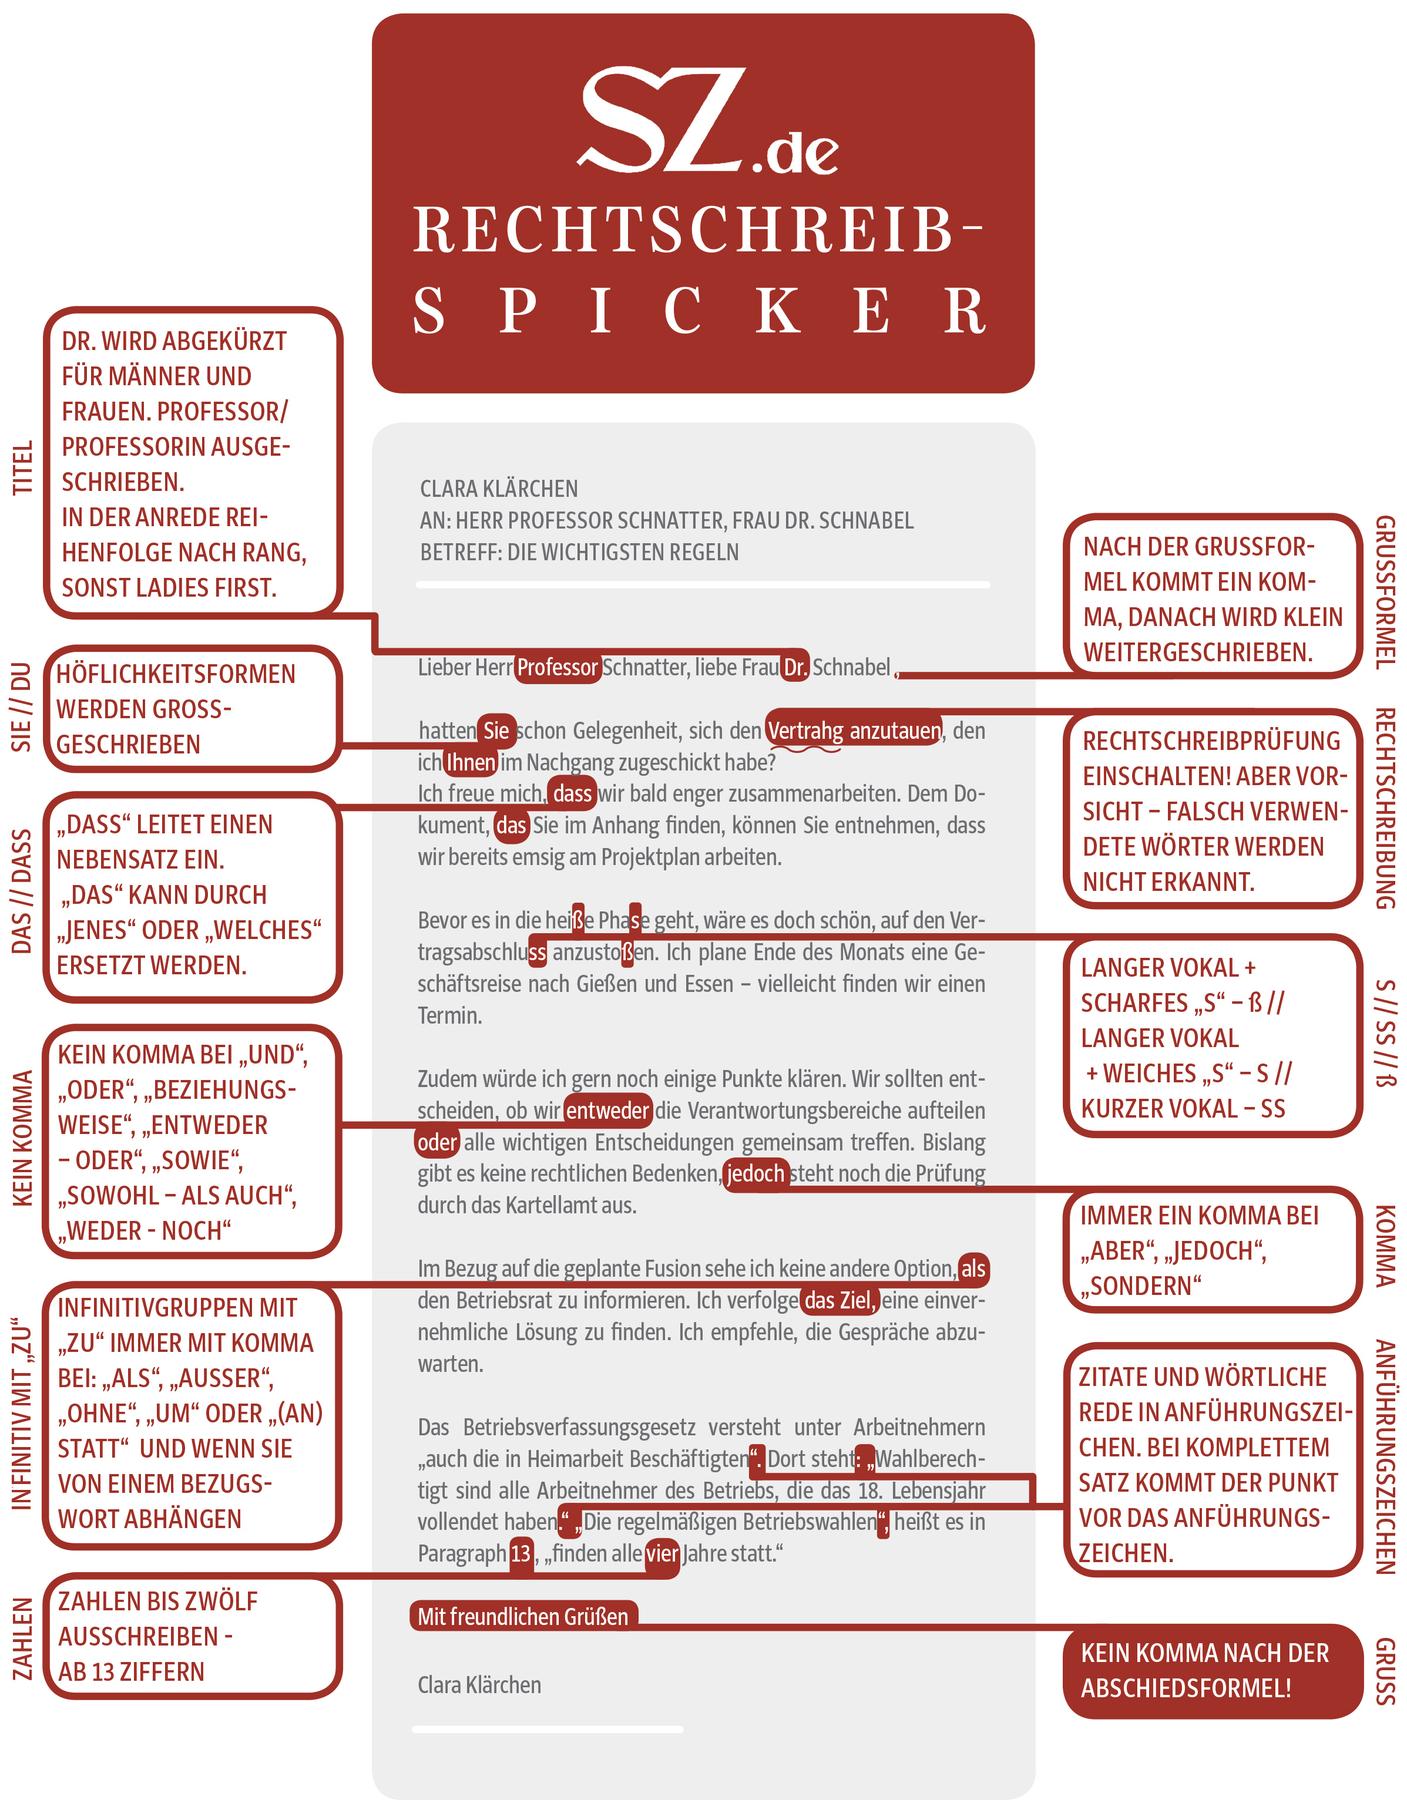 Rechtschreibung Der Rechtschreib Spicker Von Szde Karriere